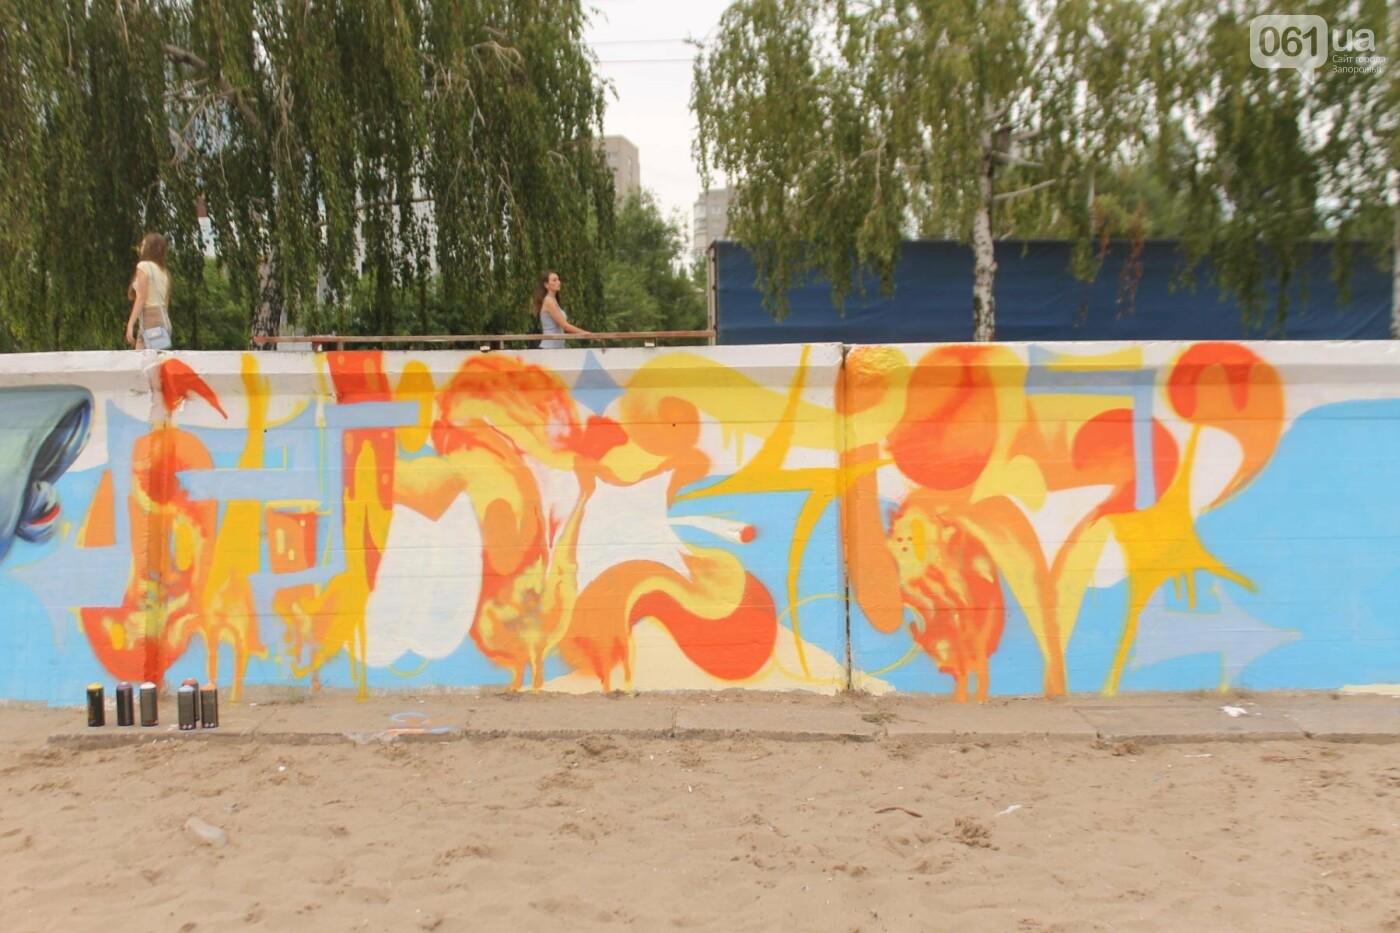 В Запорожье на пляже закончился фестиваль граффити: разрисовали 150 метров бетонной стены, – ФОТОРЕПОРТАЖ, фото-43